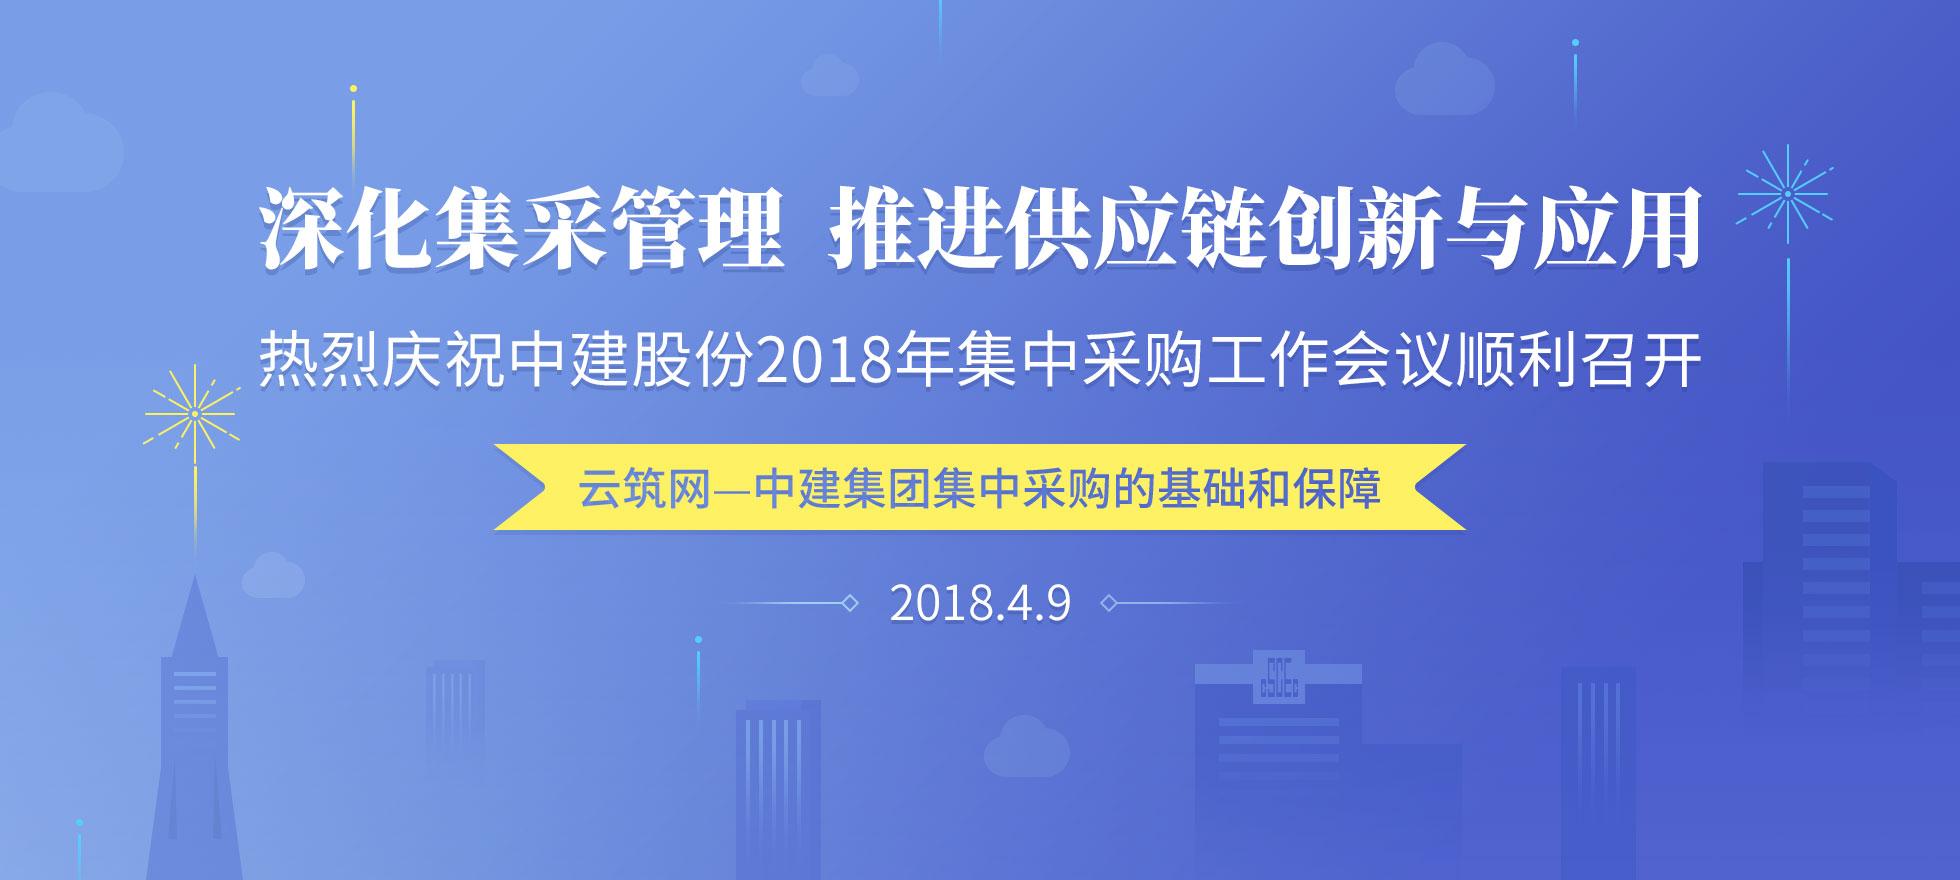 庆祝2018年中建股份集中采购会议顺利召开